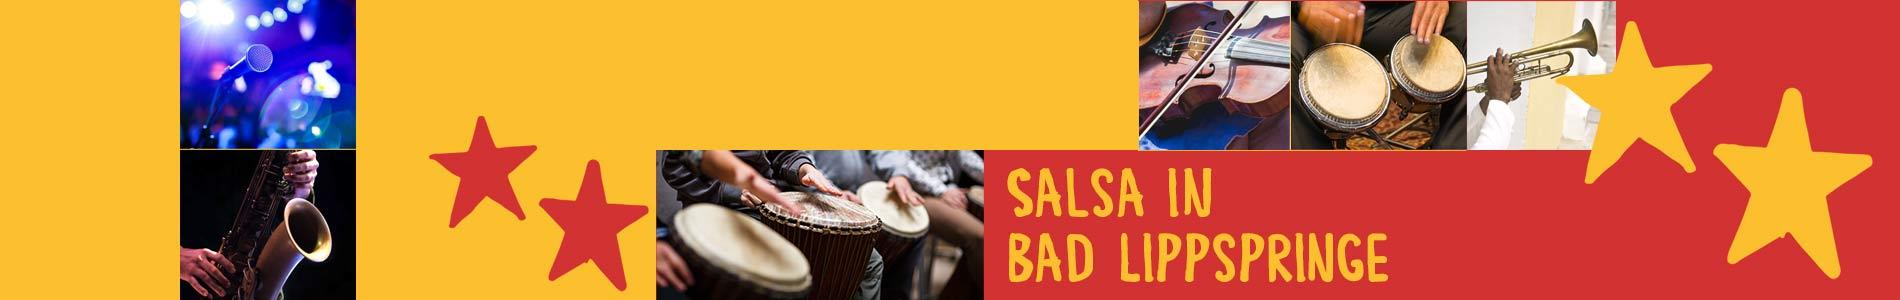 Salsa in Bad Lippspringe – Salsa lernen und tanzen, Tanzkurse, Partys, Veranstaltungen